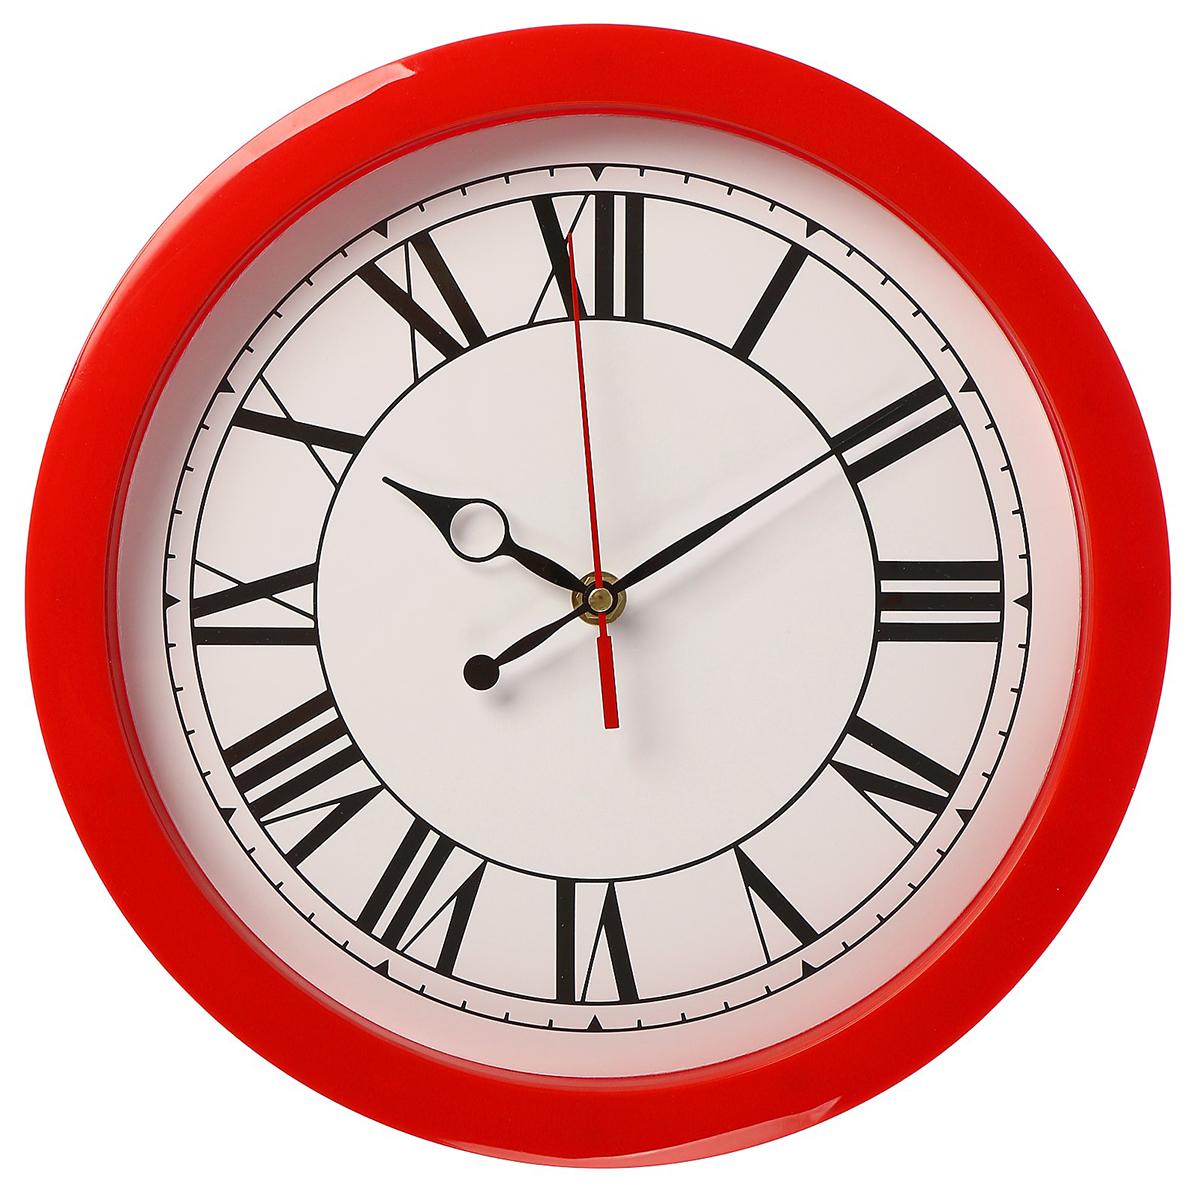 Часы настенные Классика, цвет: красный. 2436481 хочу продать свою квартиру которая менее 3х лет и другую какие налоги надо заплатить